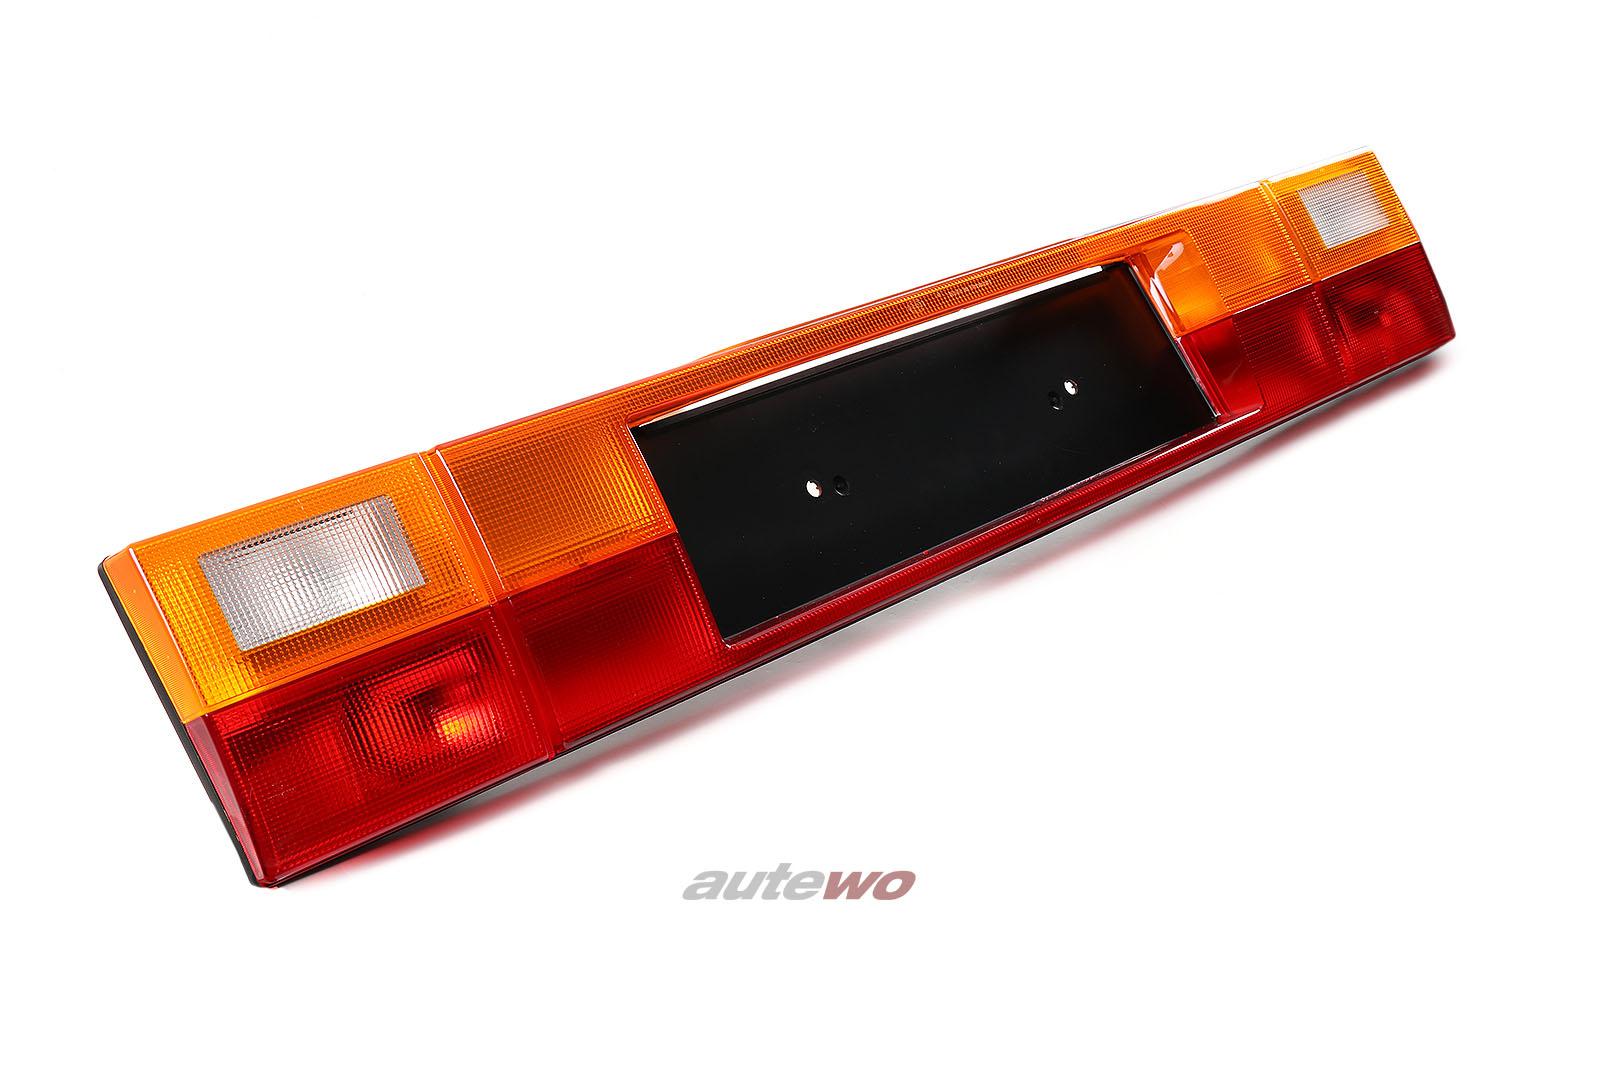 447945225D NEU Audi 100/200 Typ 44 Avant Rückleuchtenband